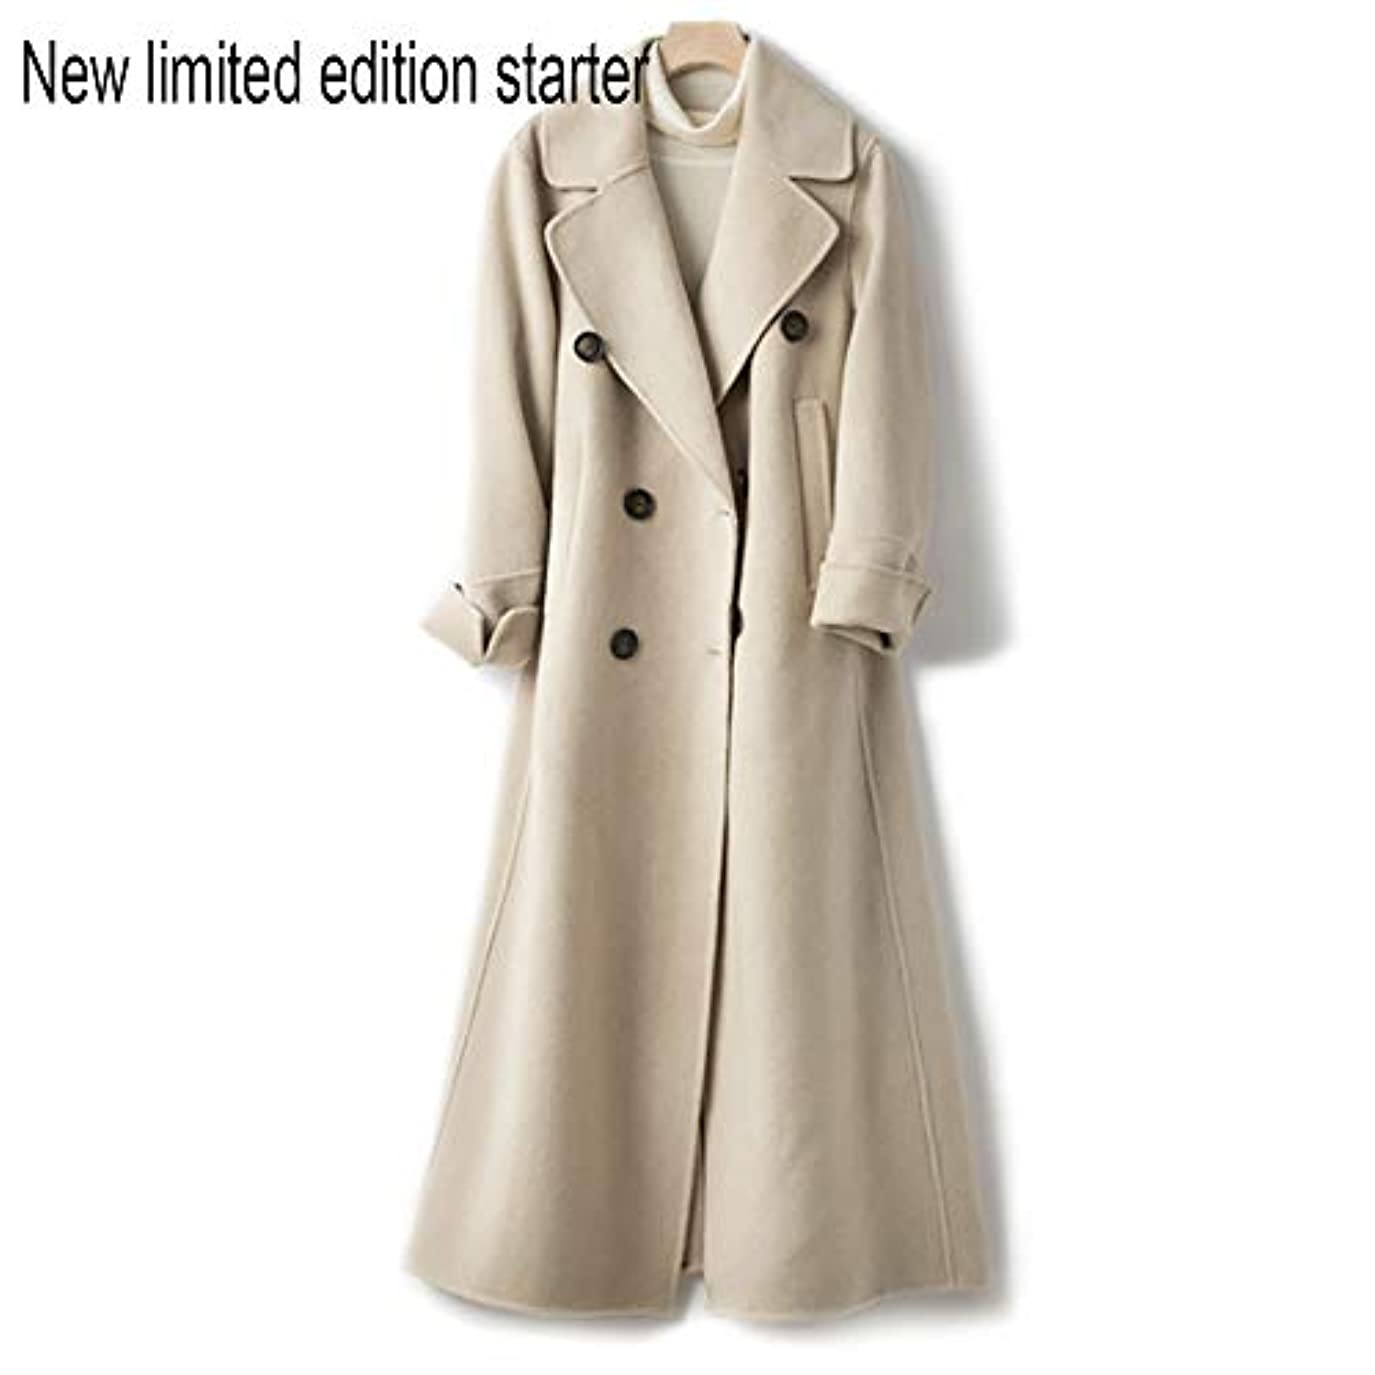 建てる市民権妊娠したウールコート、ウエストの両面ウールコートと長い女性服19秋と冬の新しいウールコート女性の長いブレザーコート,C,S